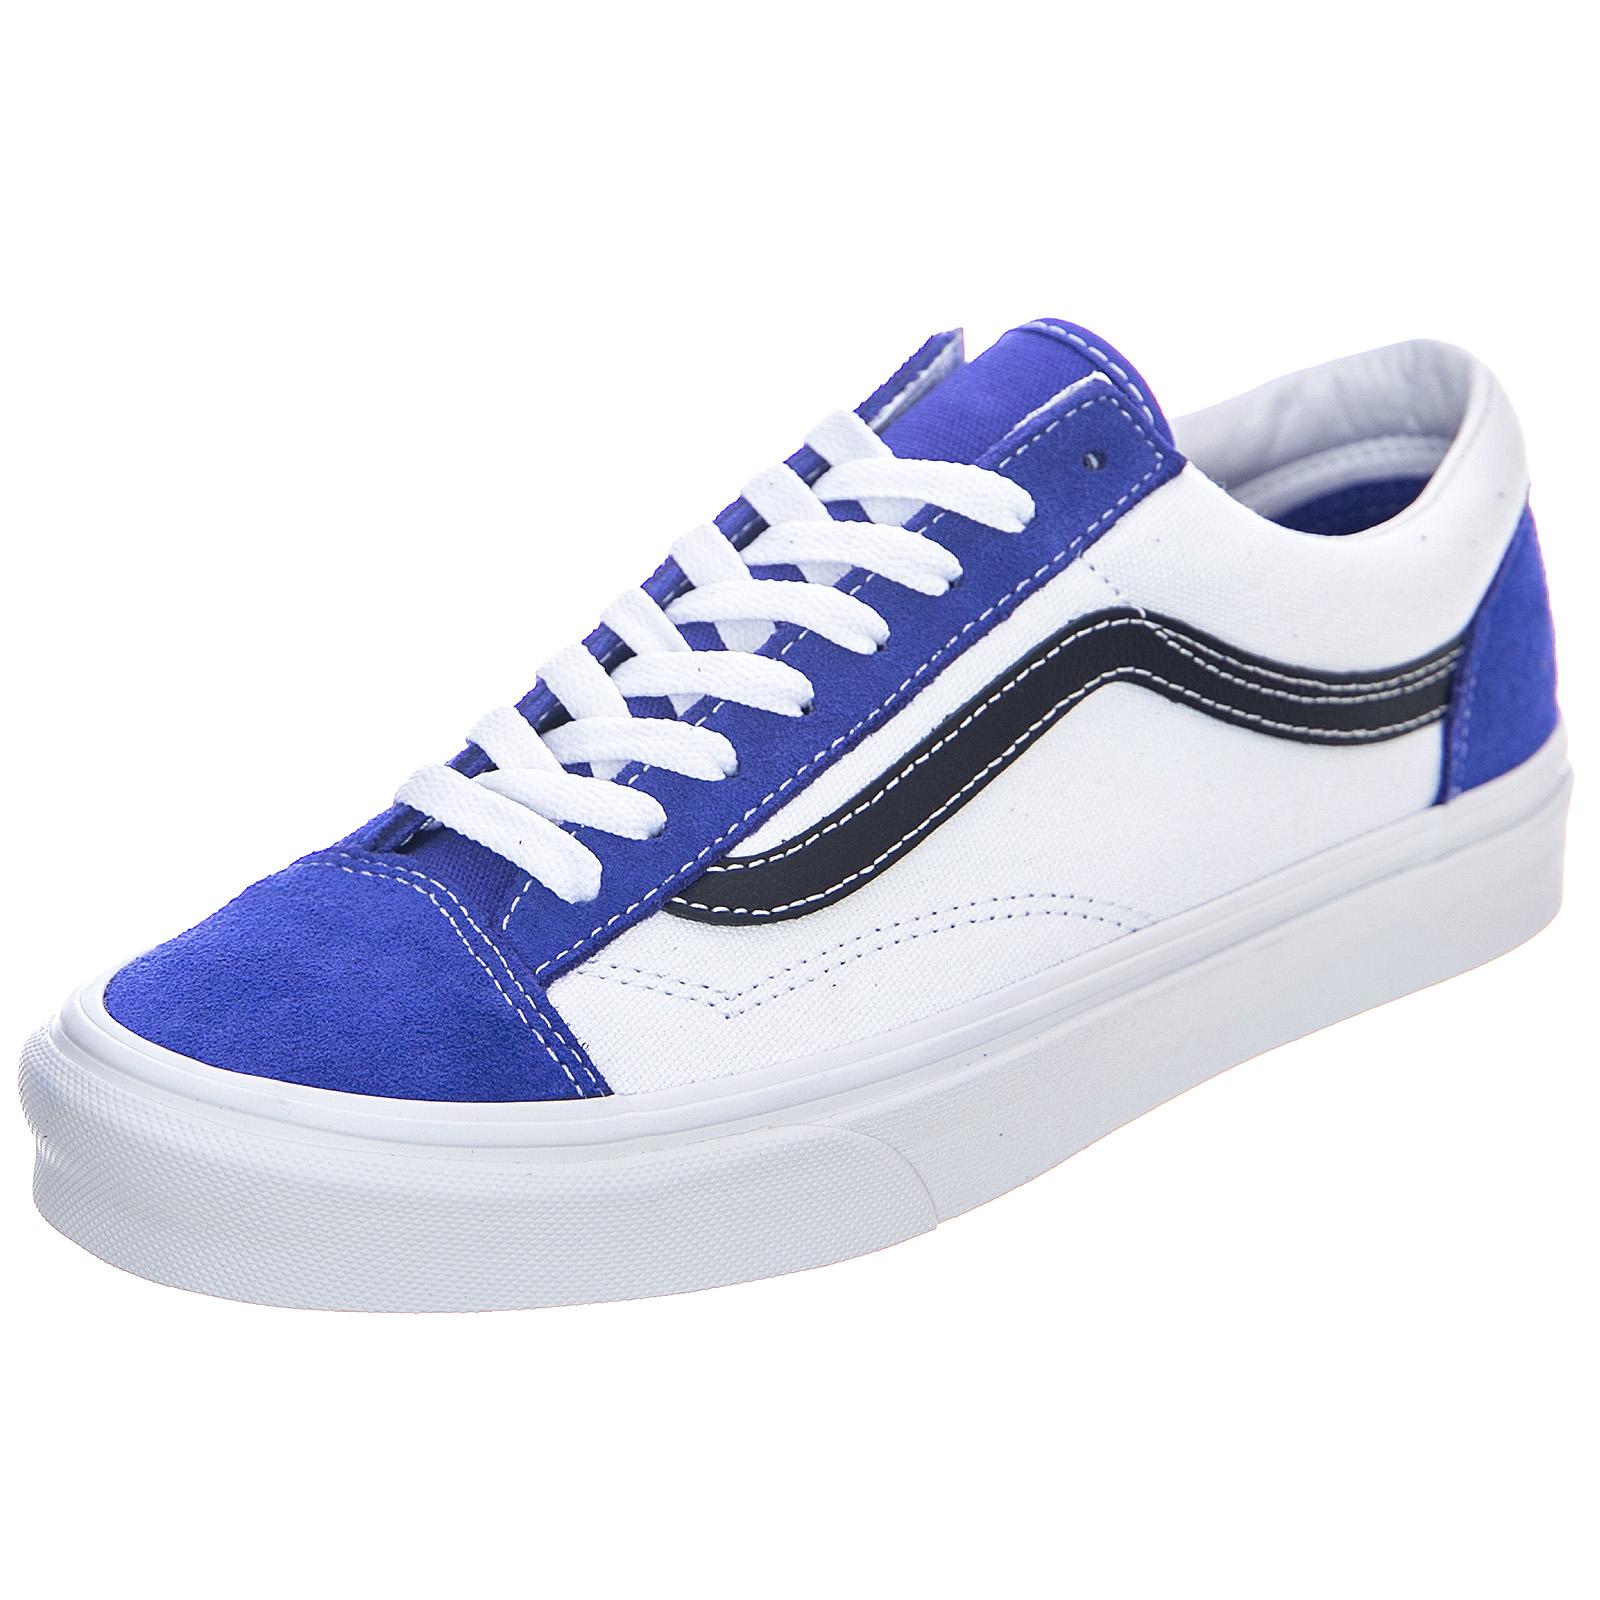 Detalles de Vans Mn Retro Deporte Estilo 36 Real Azul Verdadero Blanco Zapatos Suela